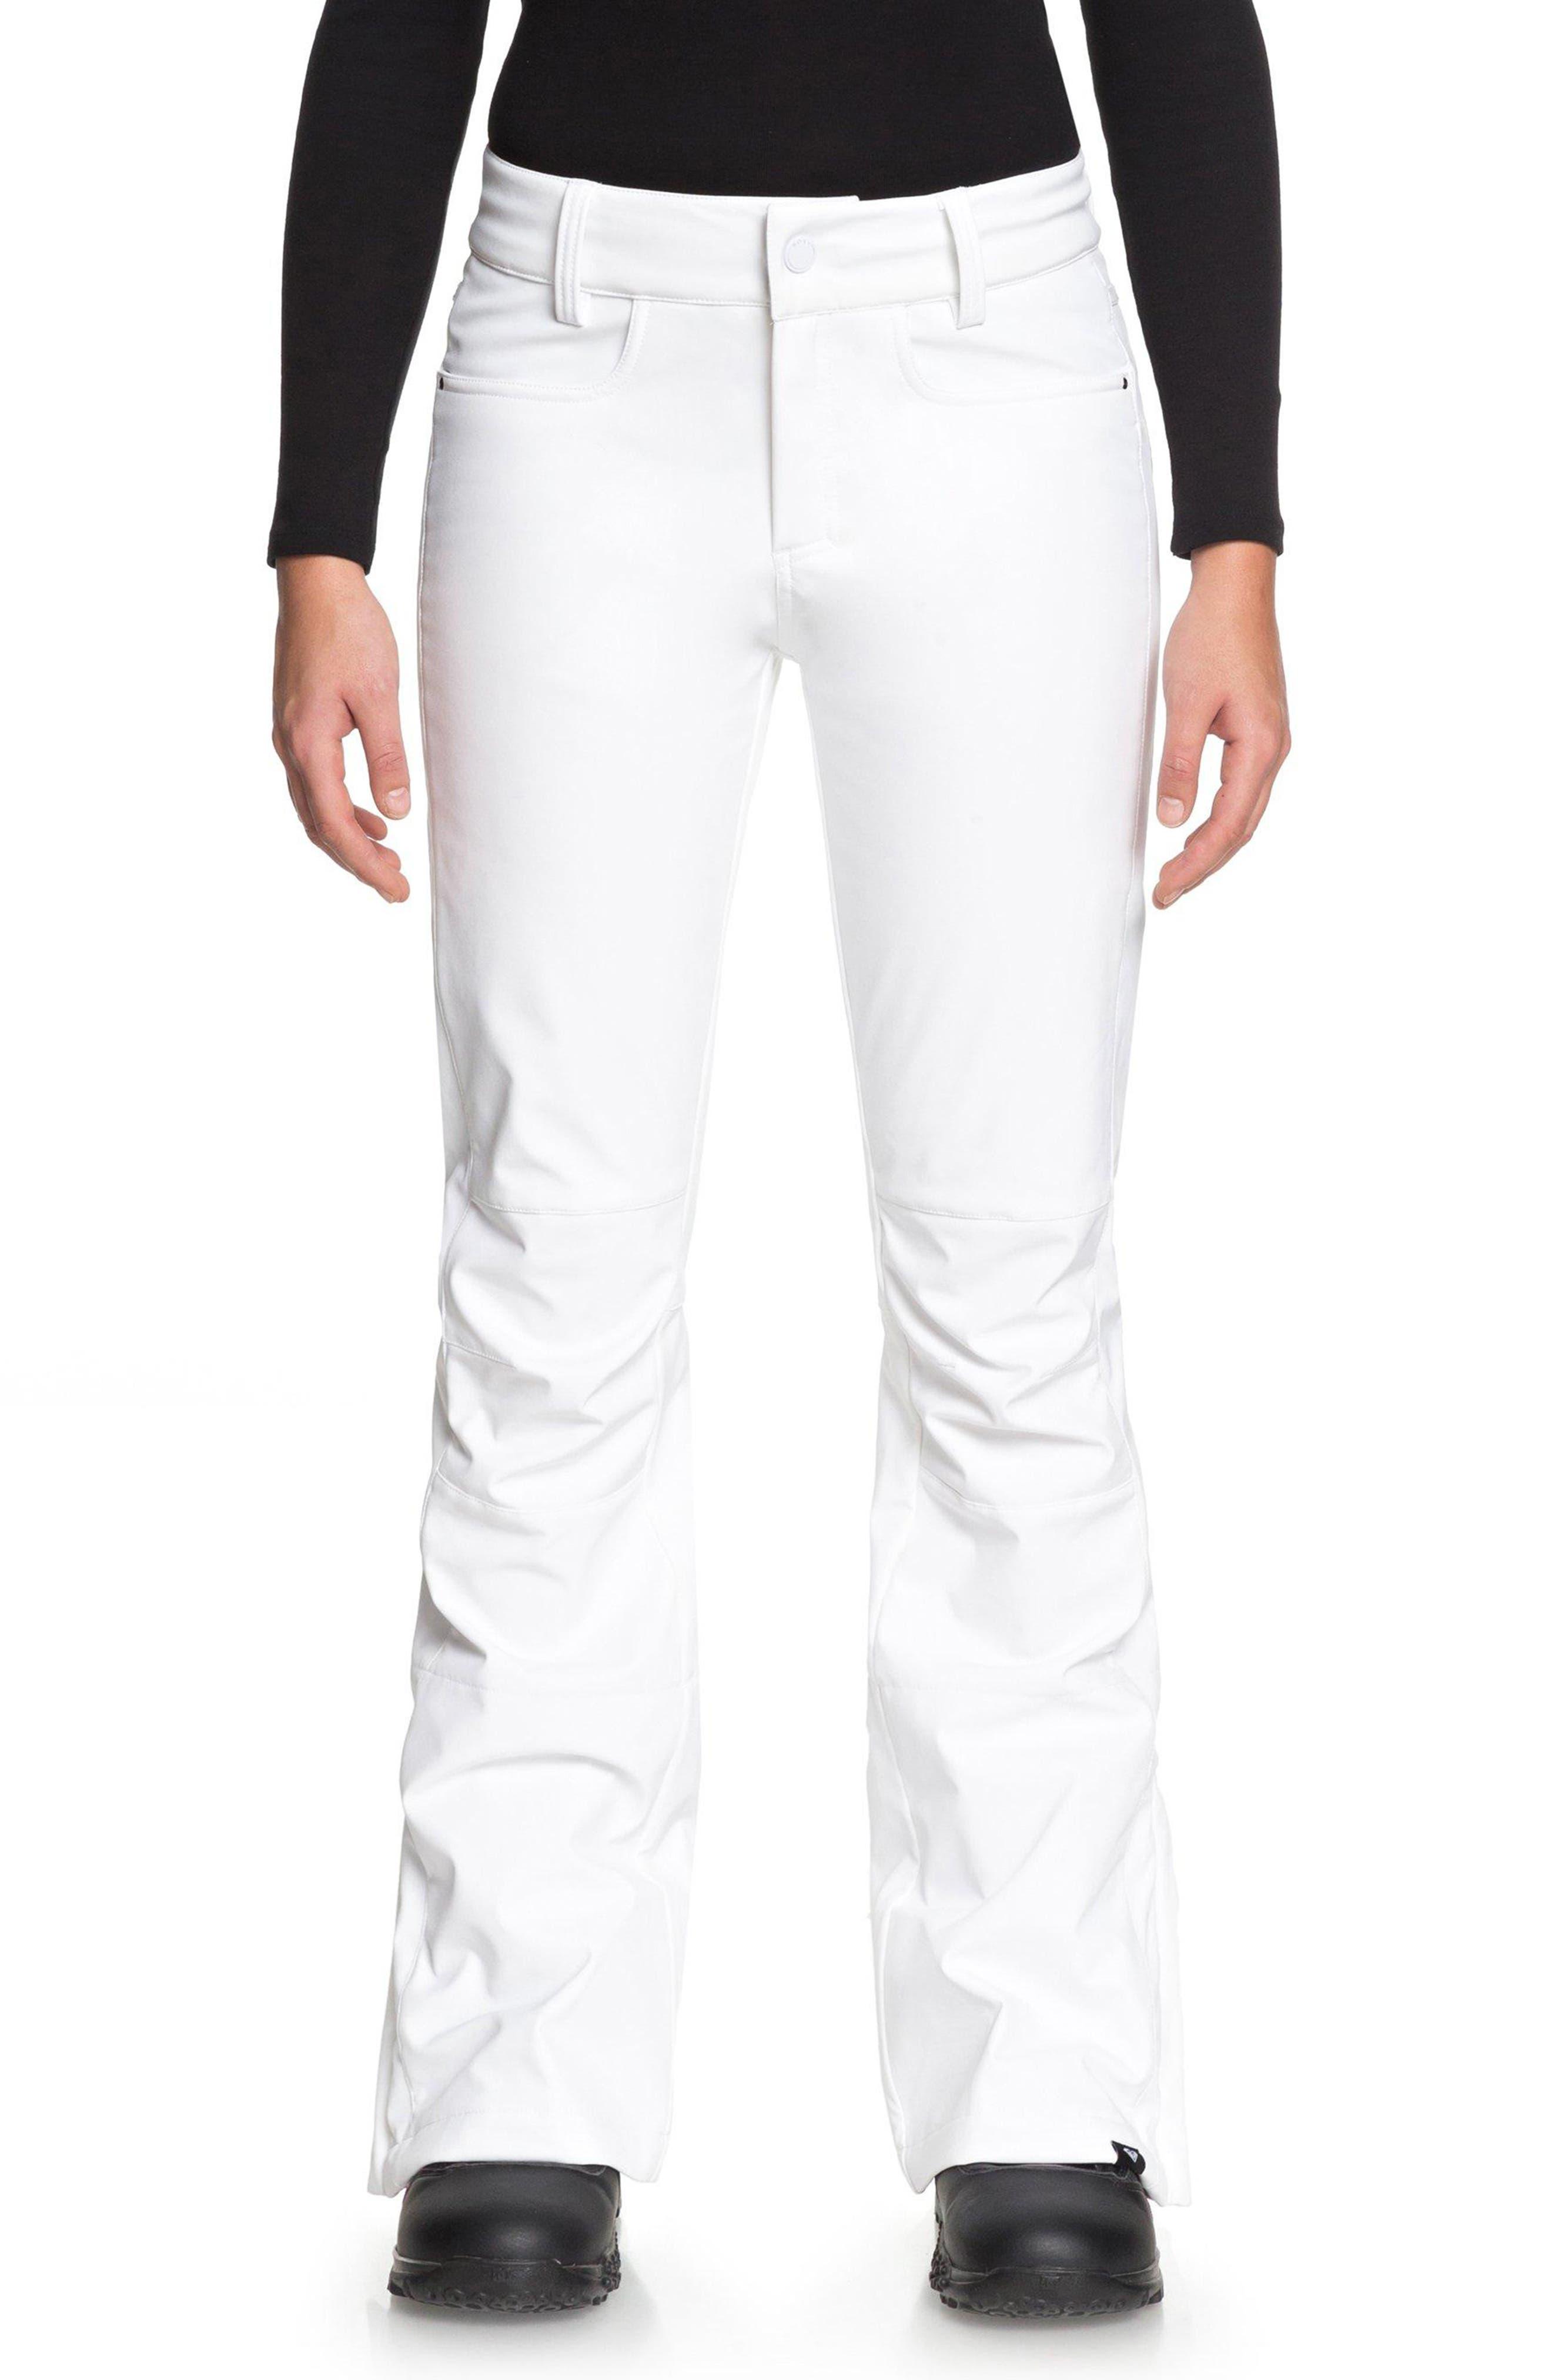 Roxy Creek Snow Pants, White